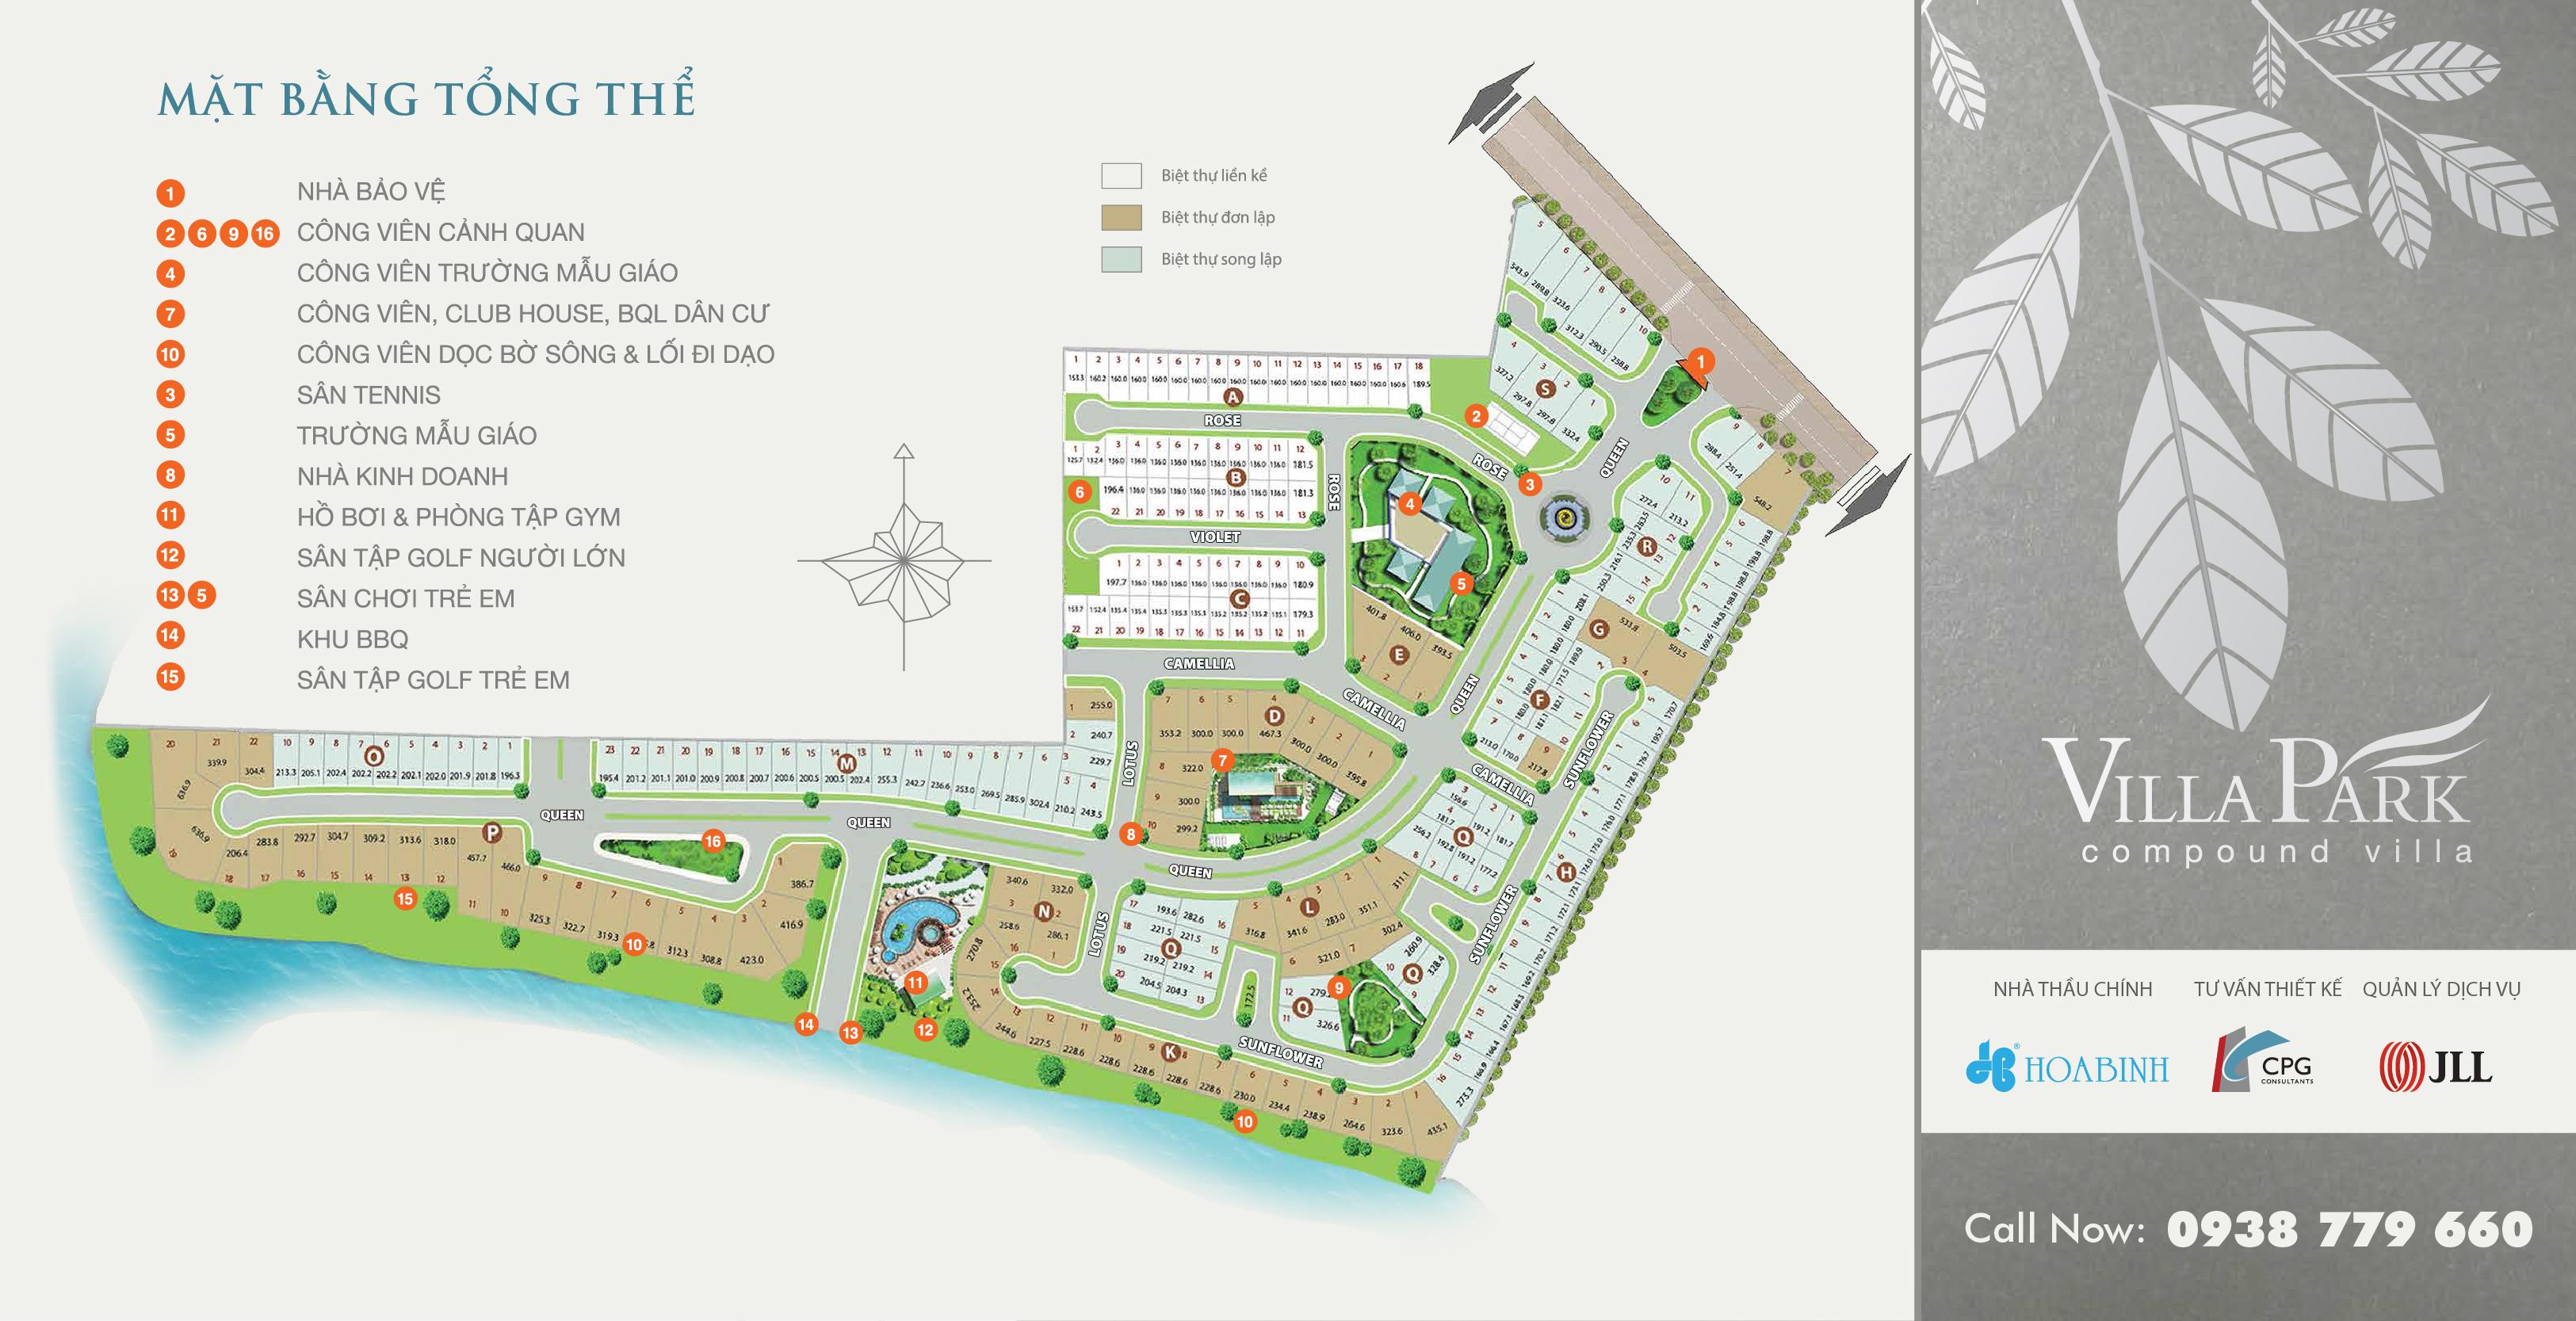 Villapark biệt thự phong cách Mỹ với 8 công viên cây xanh